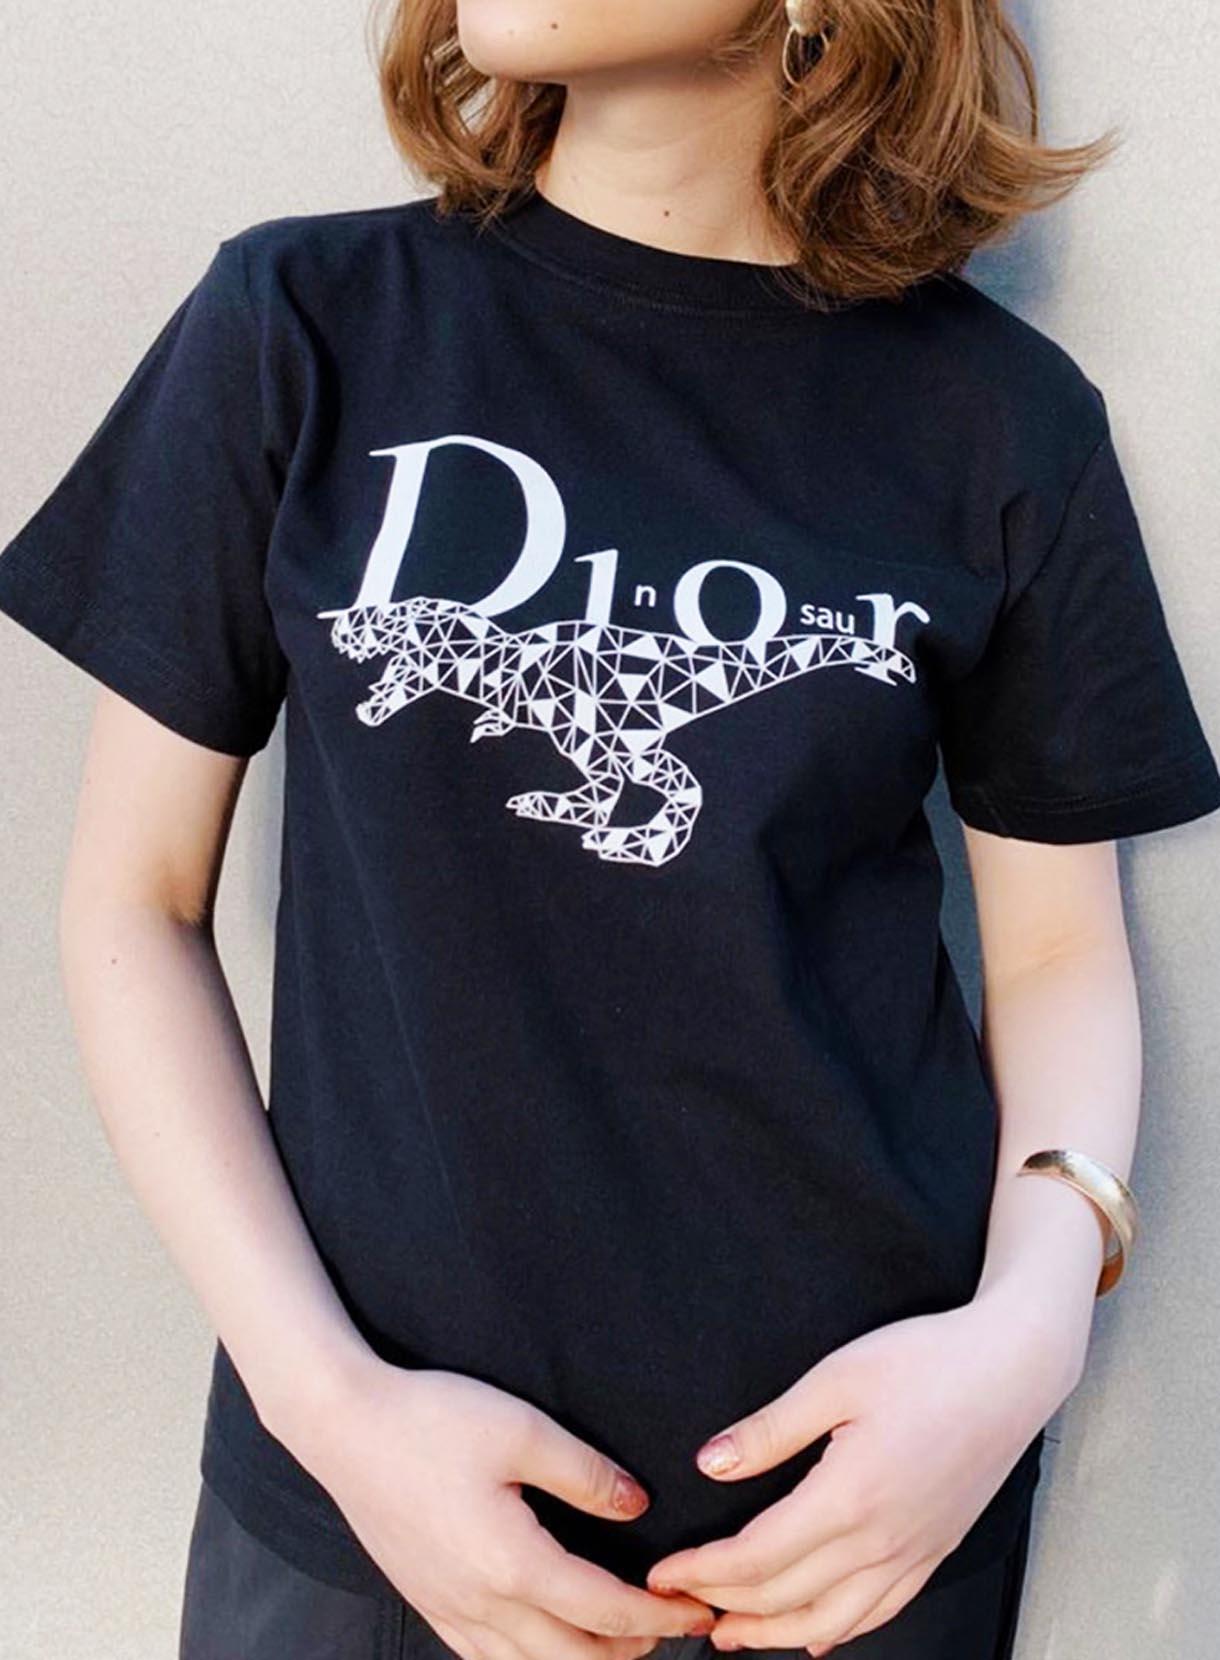 33℃ DINOSAURTシャツ [ユニセックスモデル]